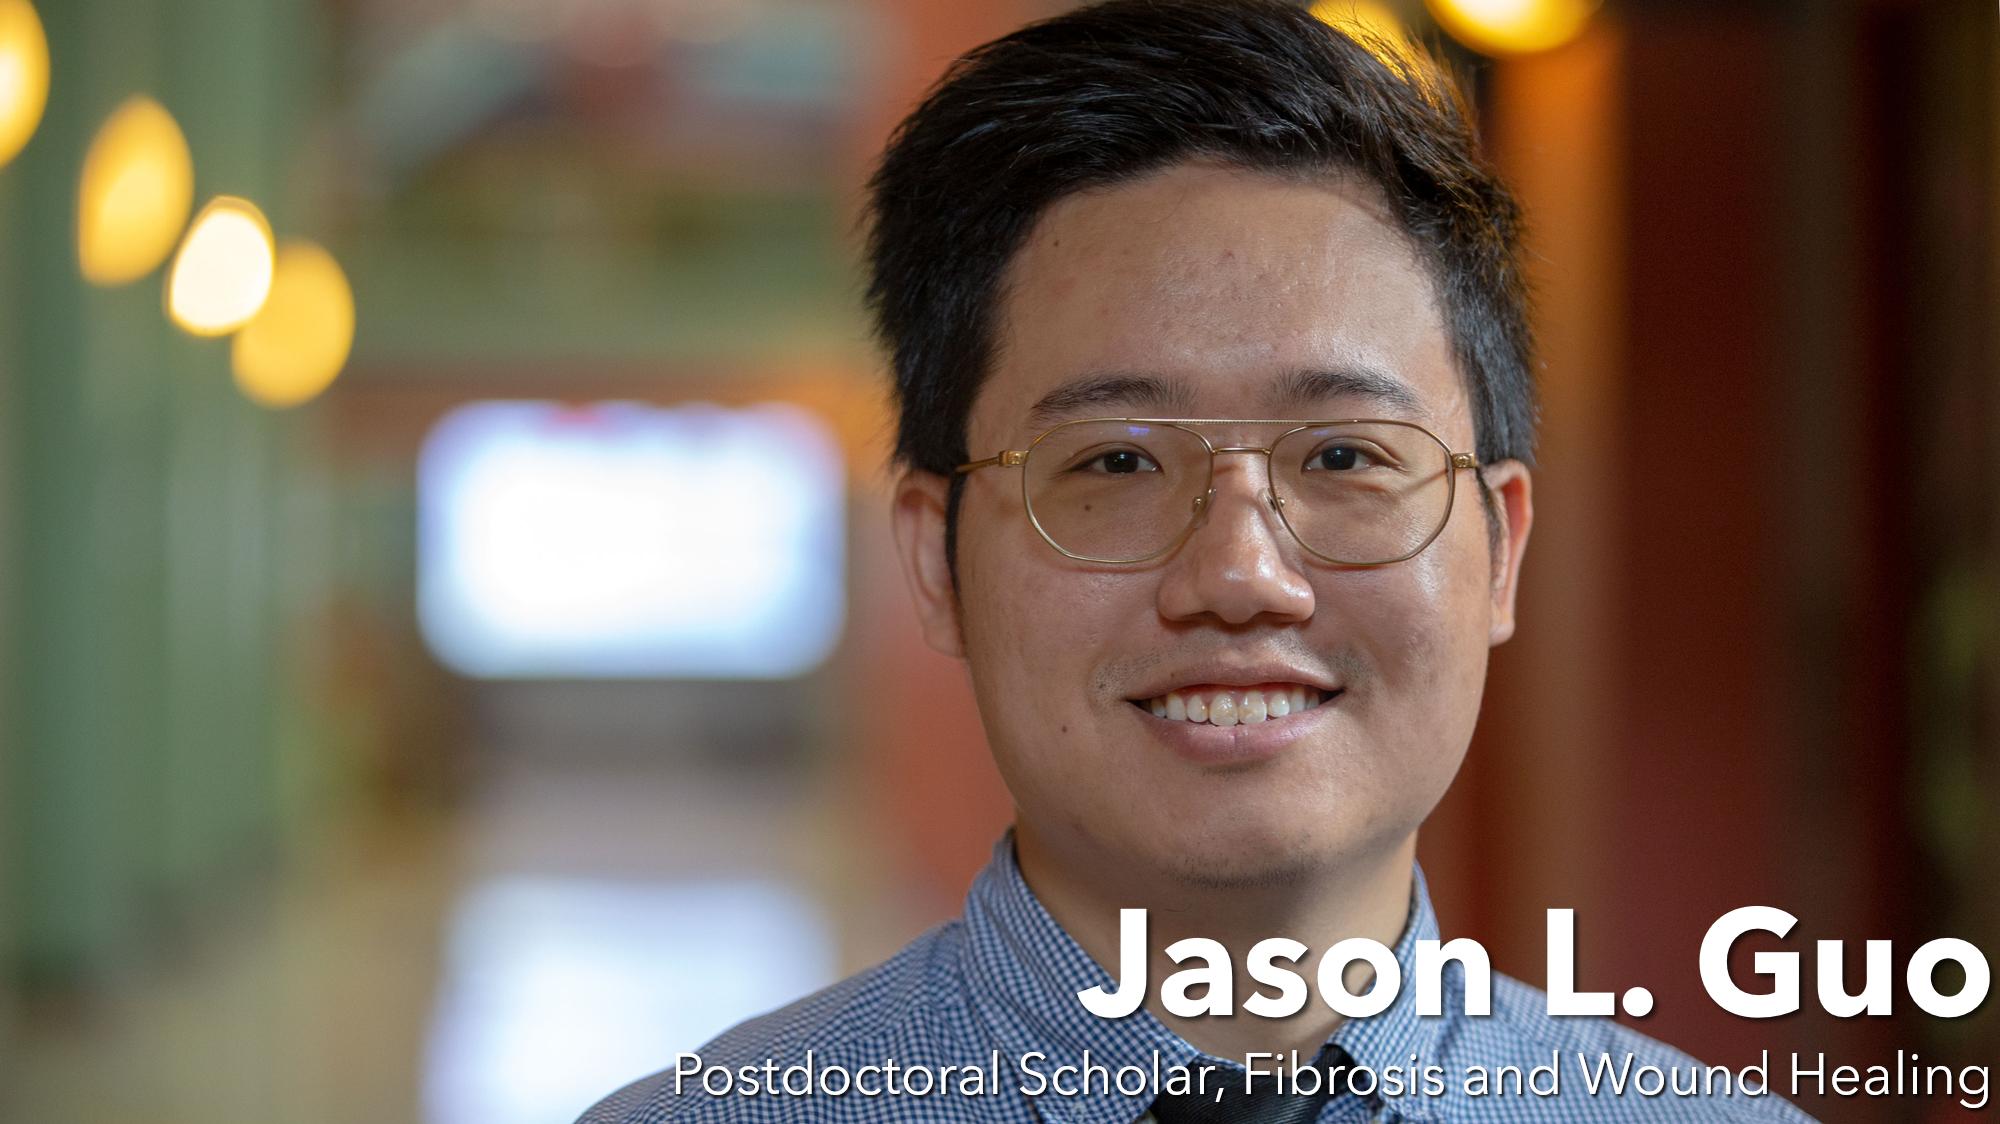 Jason L. Guo